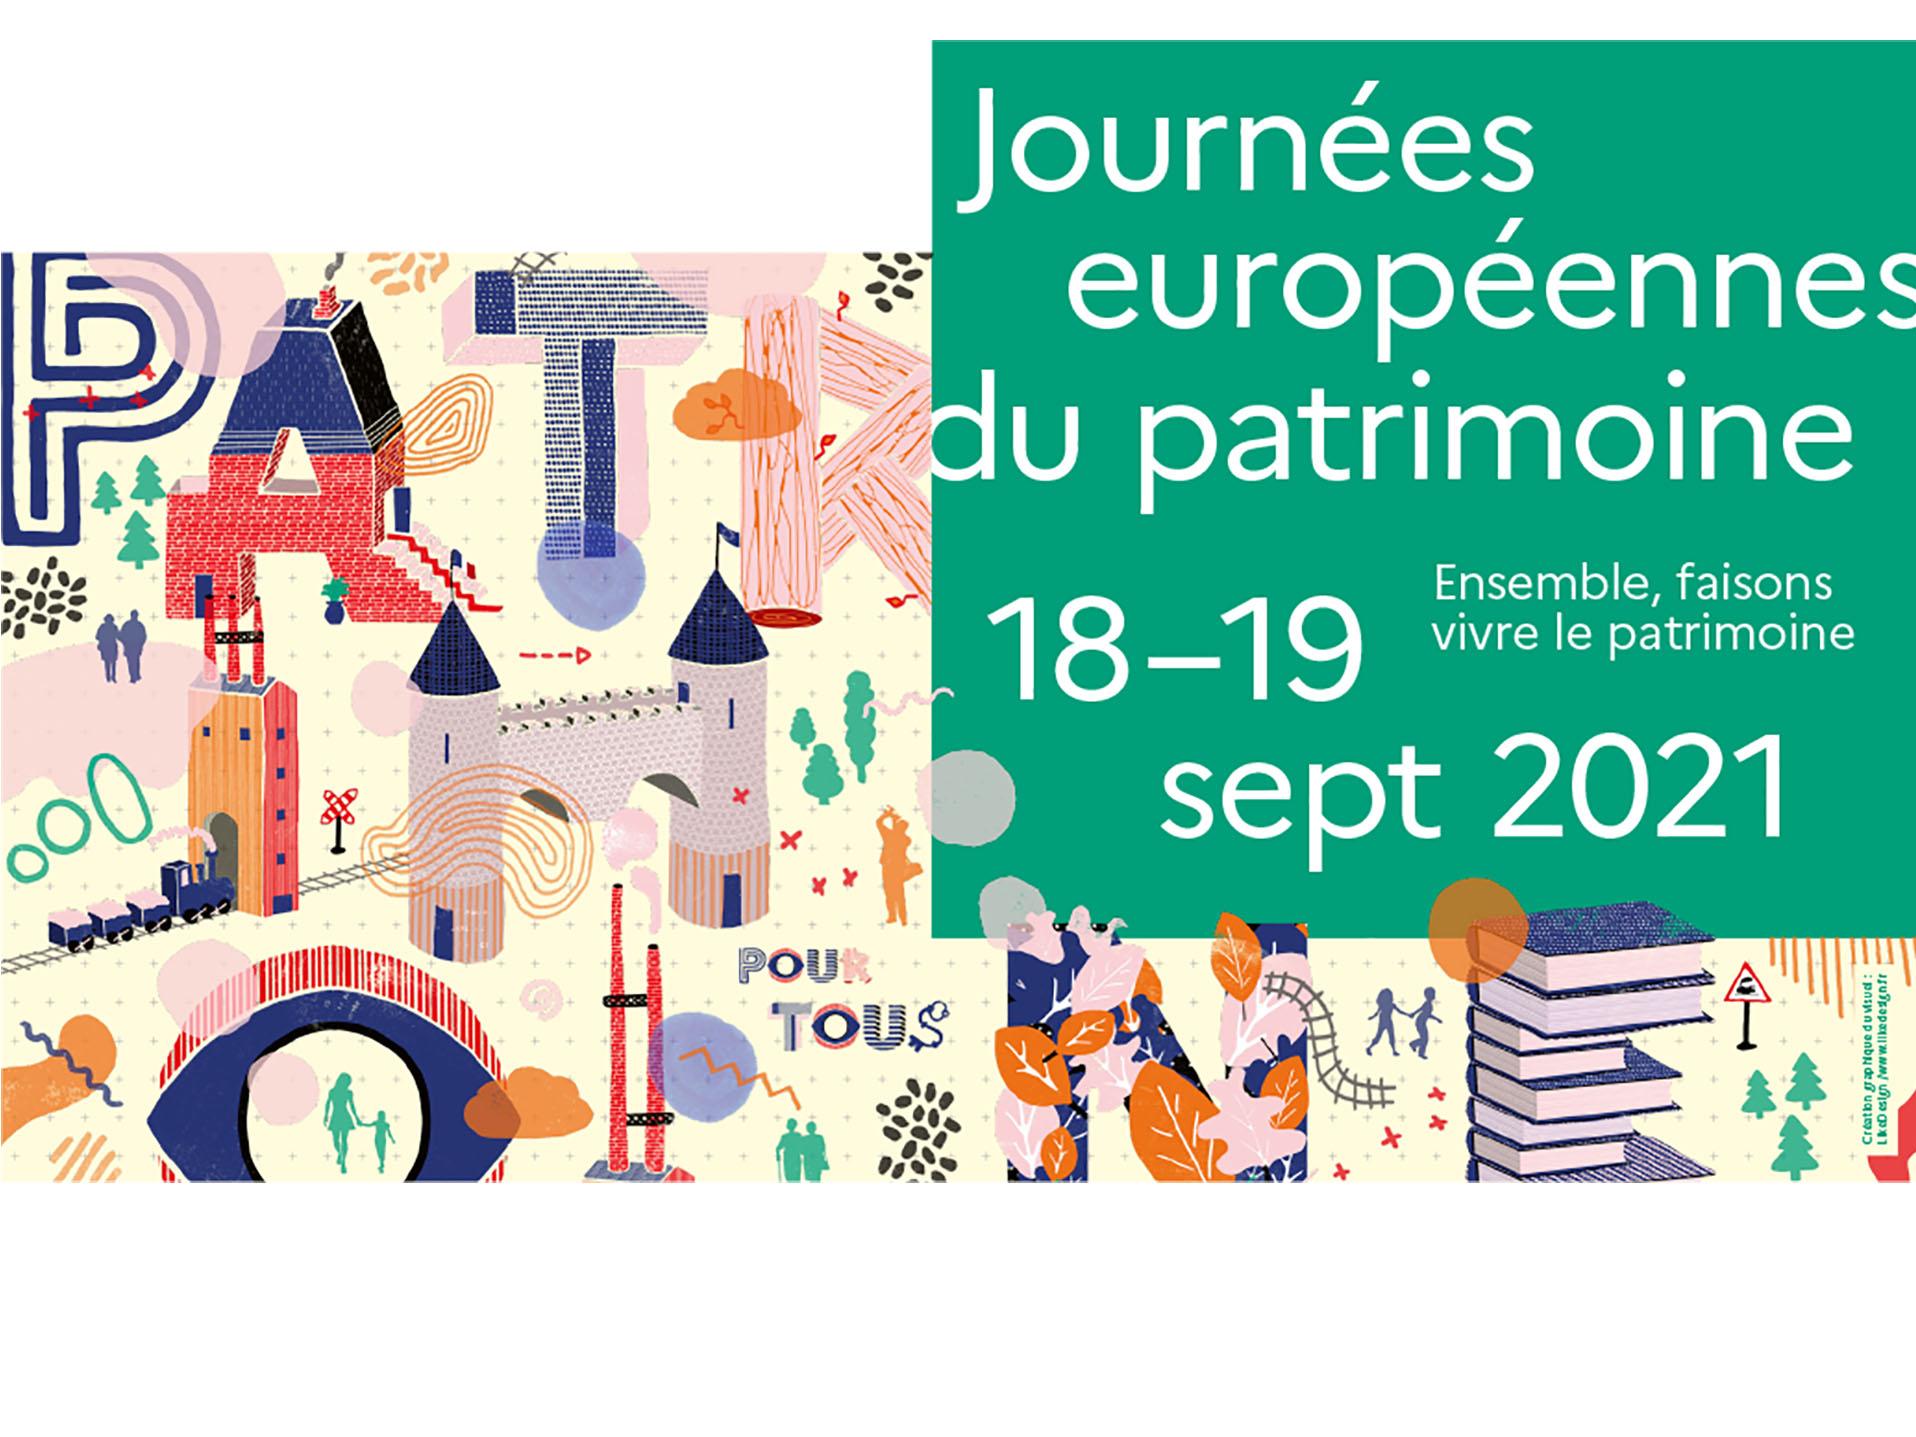 Journées européennes du patrimoine 19 septembre 2021